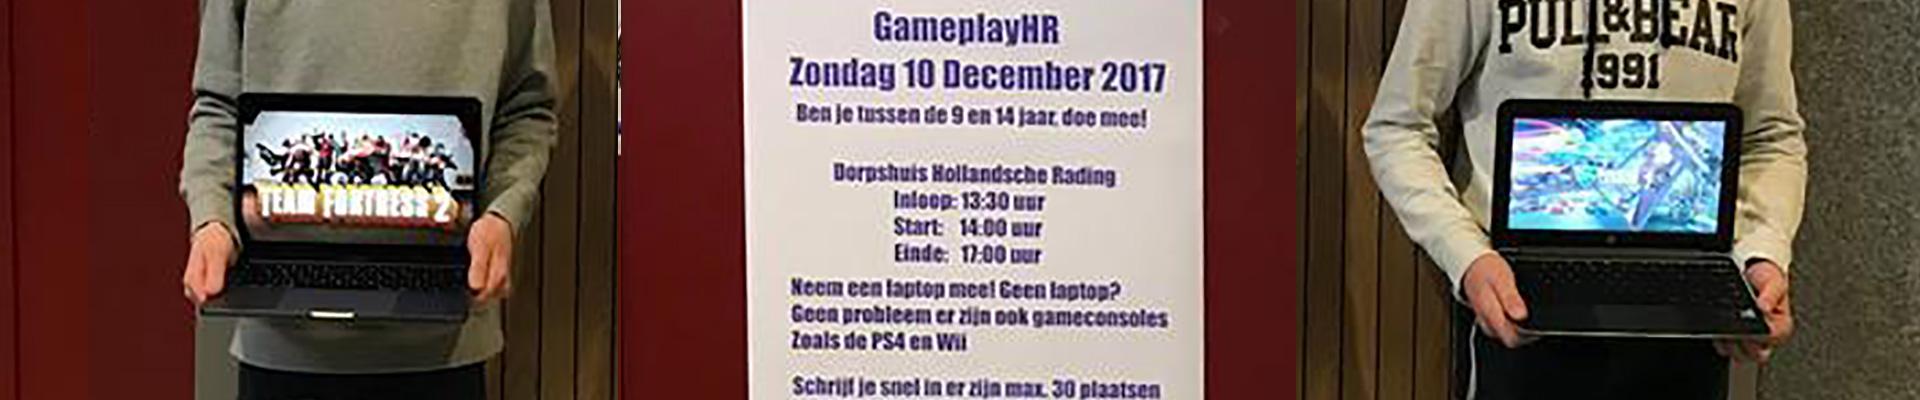 GamePlayHR